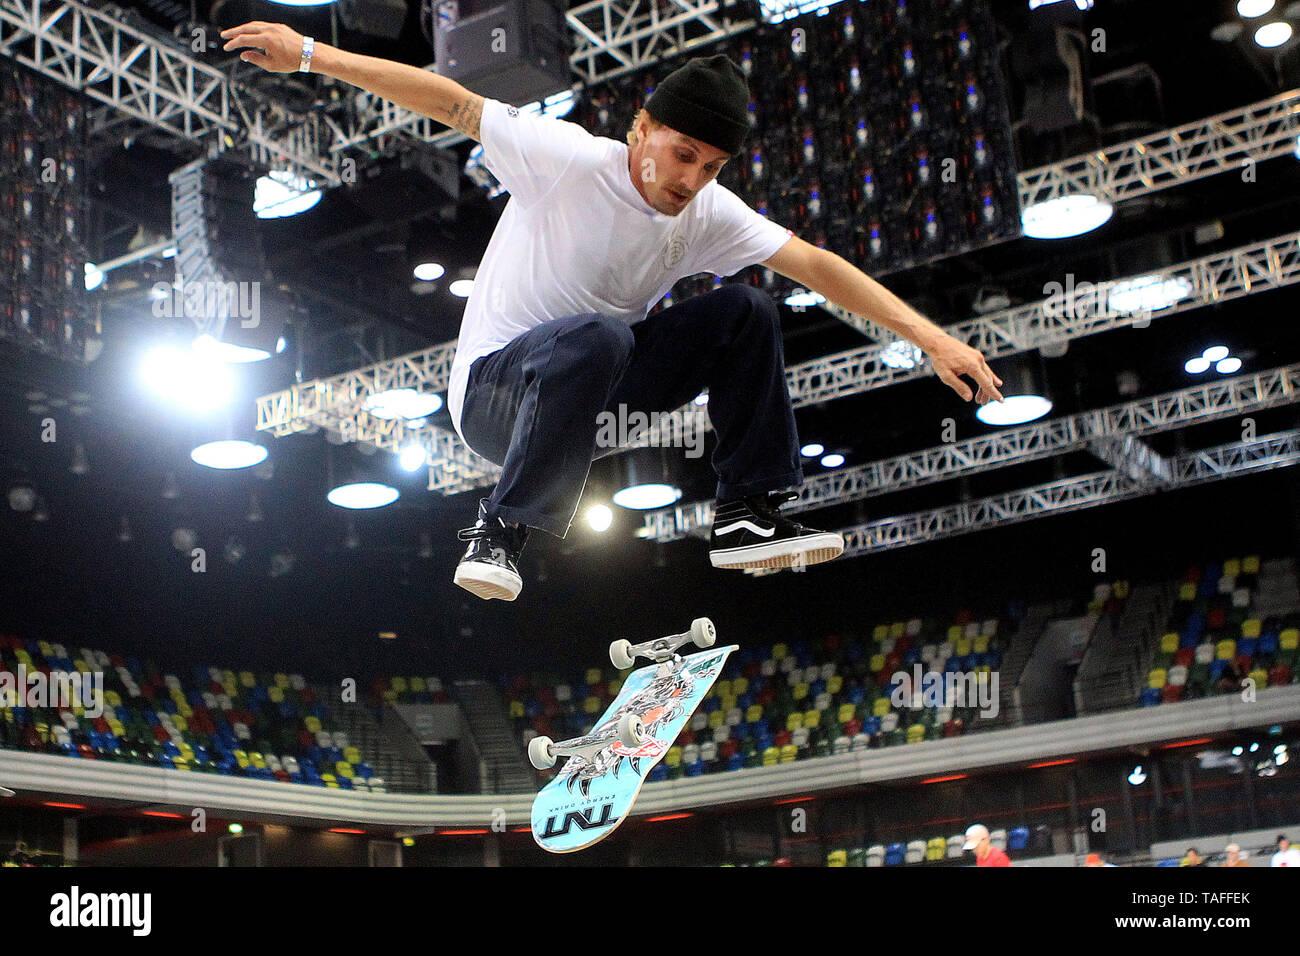 Indoor Skateboarding Action Uk Stock Photos & Indoor